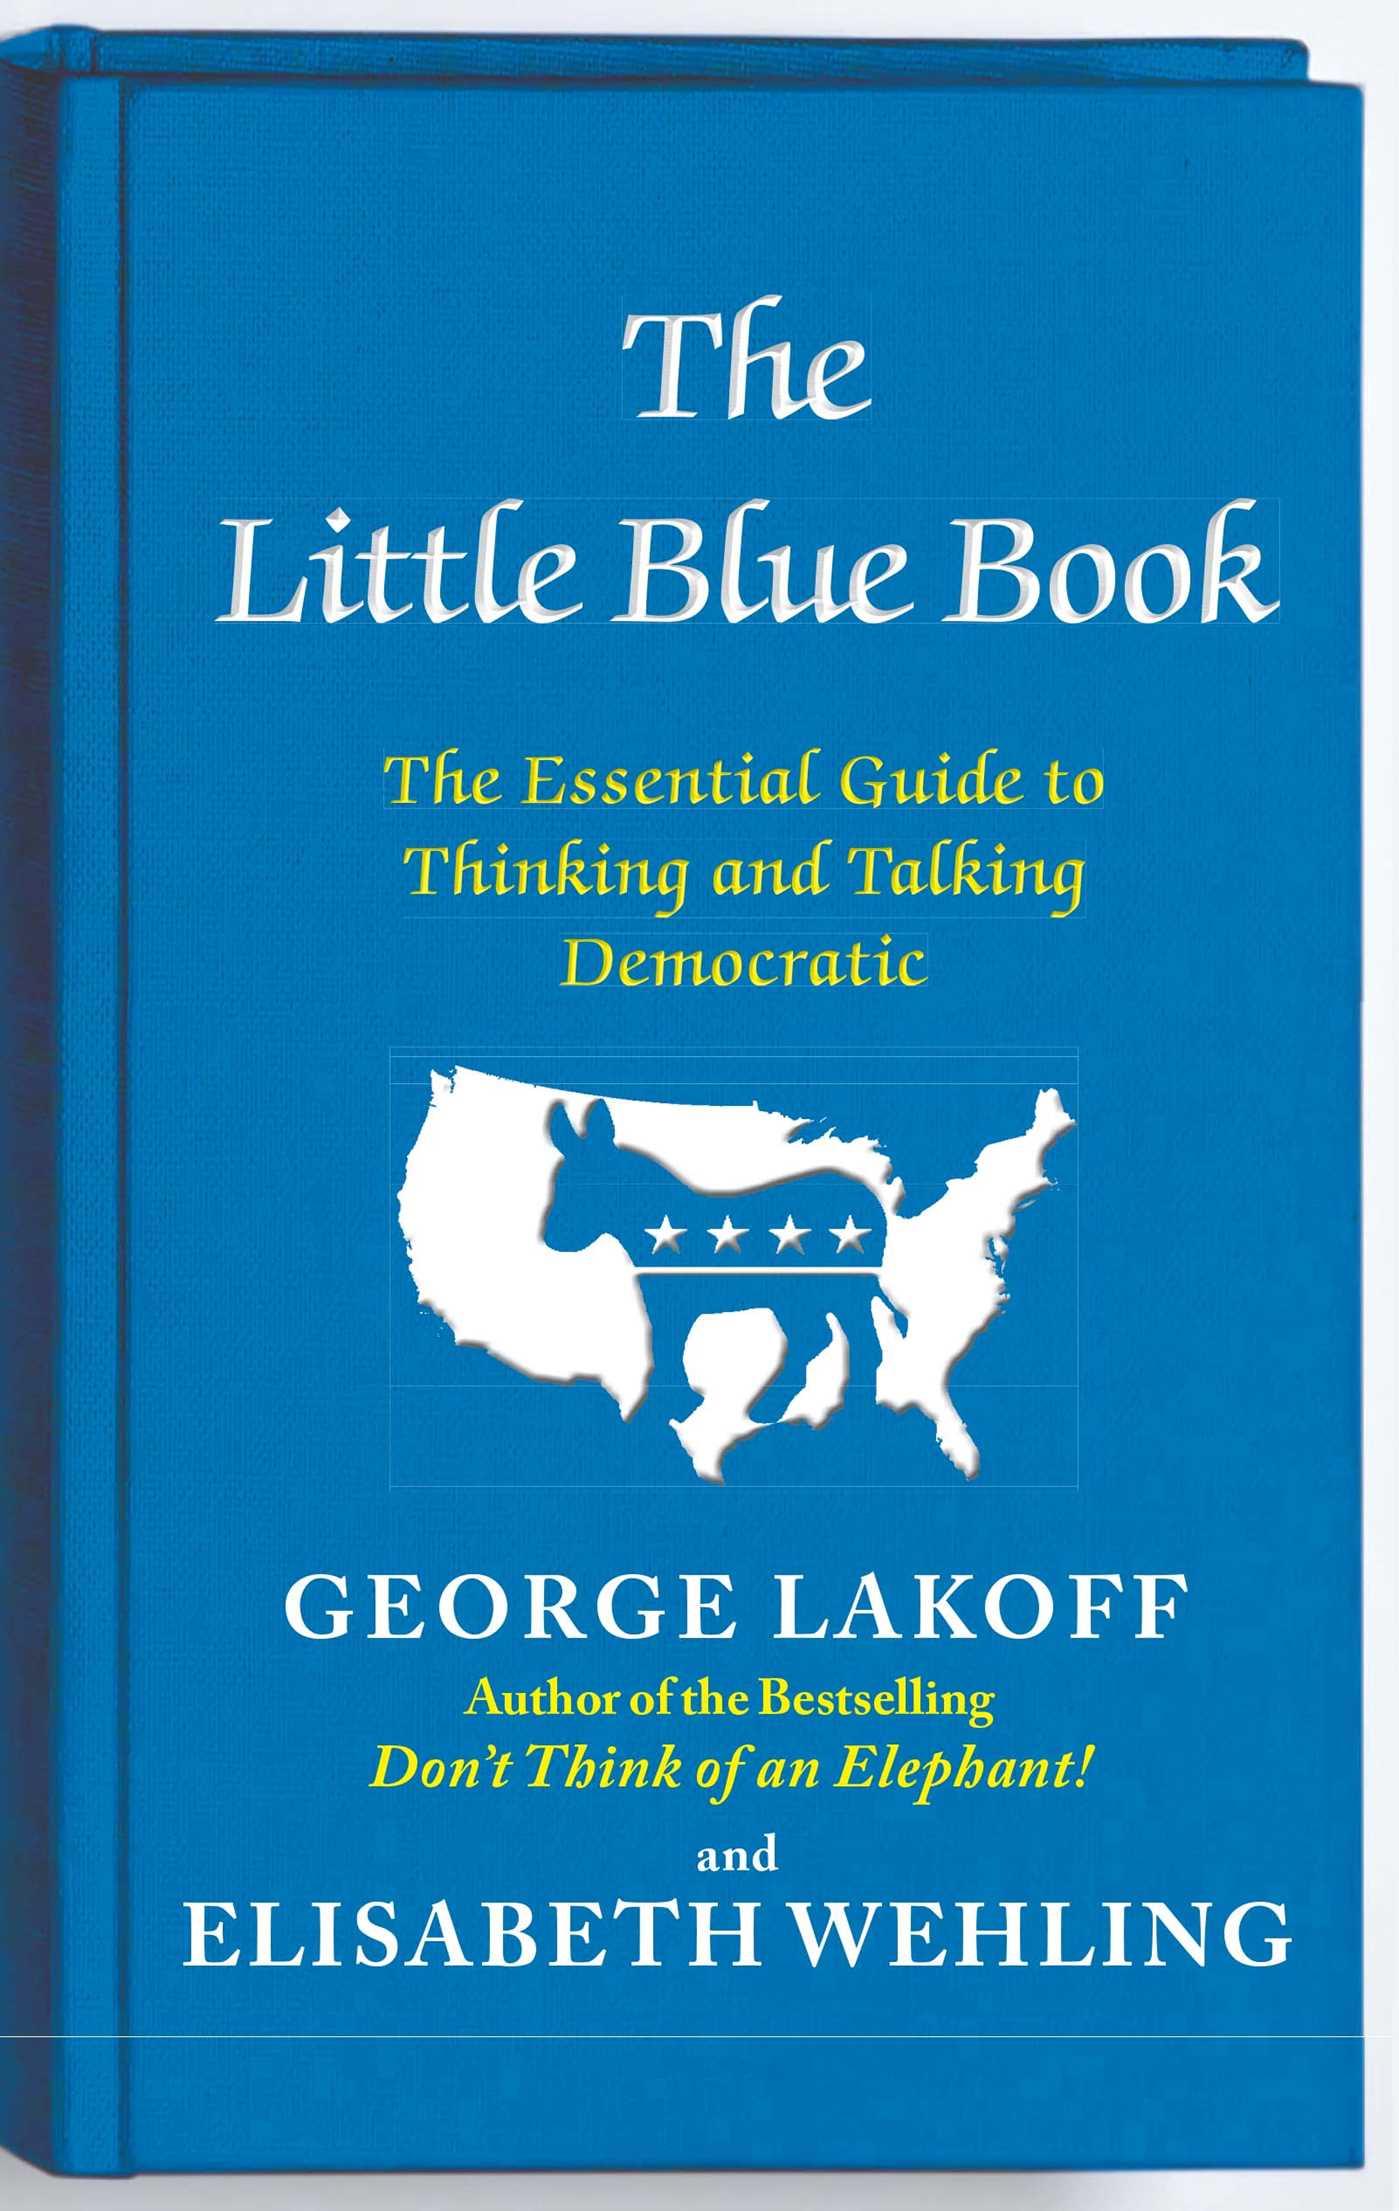 The little blue book 9781476700014 hr